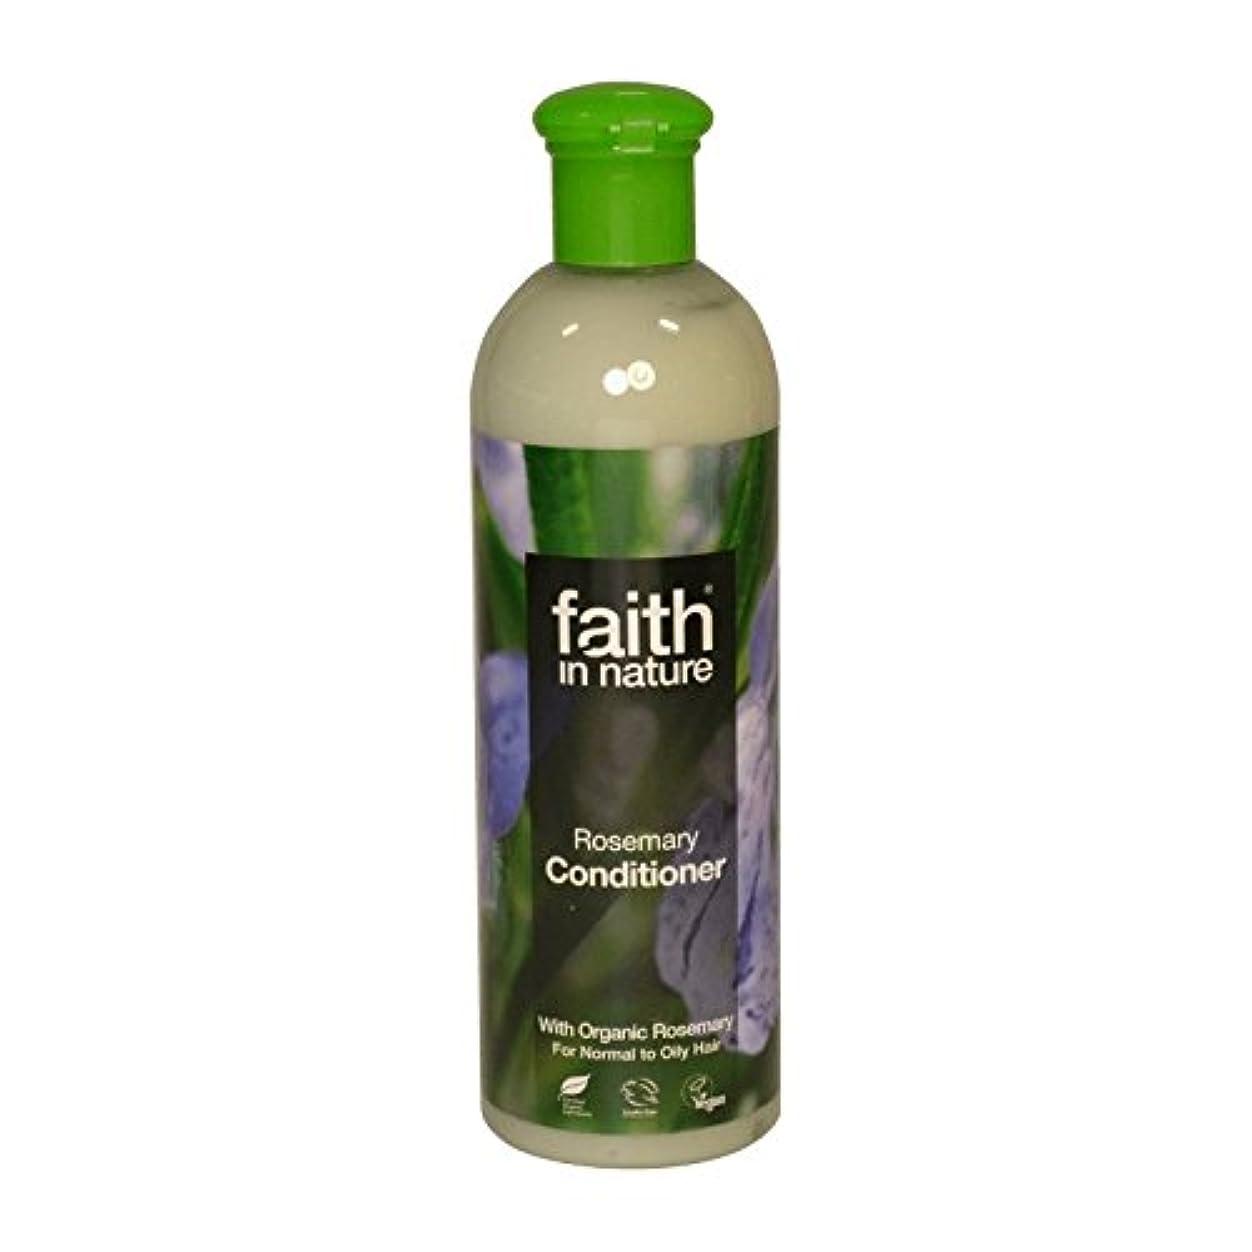 状況遠洋のストレージFaith in Nature Rosemary Conditioner 400ml (Pack of 6) - 自然ローズマリーコンディショナー400ミリリットルの信仰 (x6) [並行輸入品]